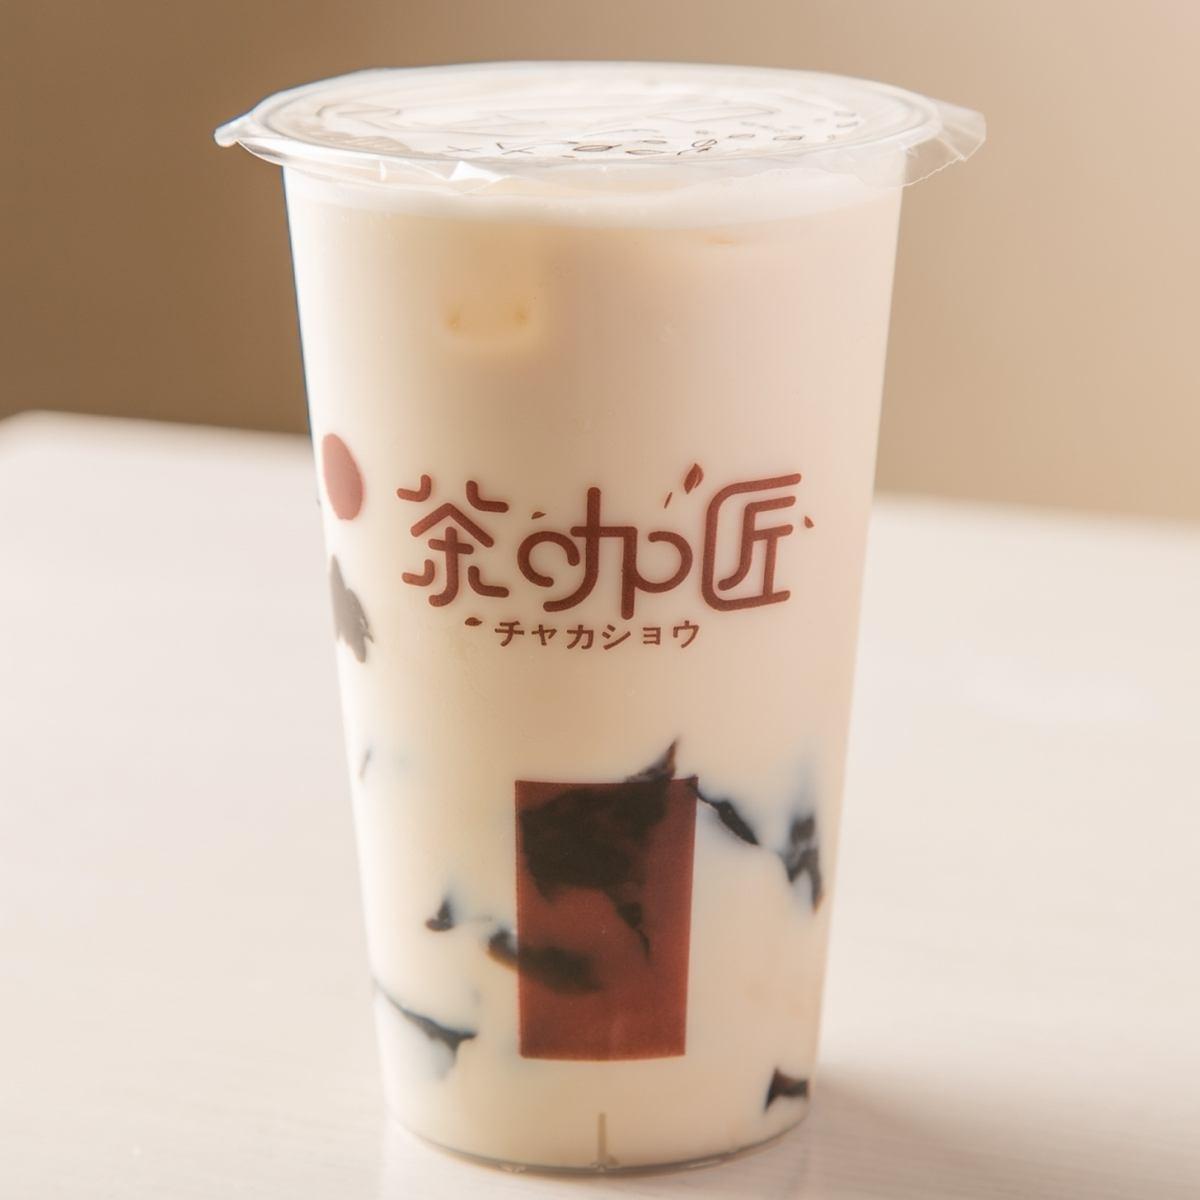 有名なタピオカ店『茶咖匠(チャカショウ)』吉祥寺店がオープンするようです。